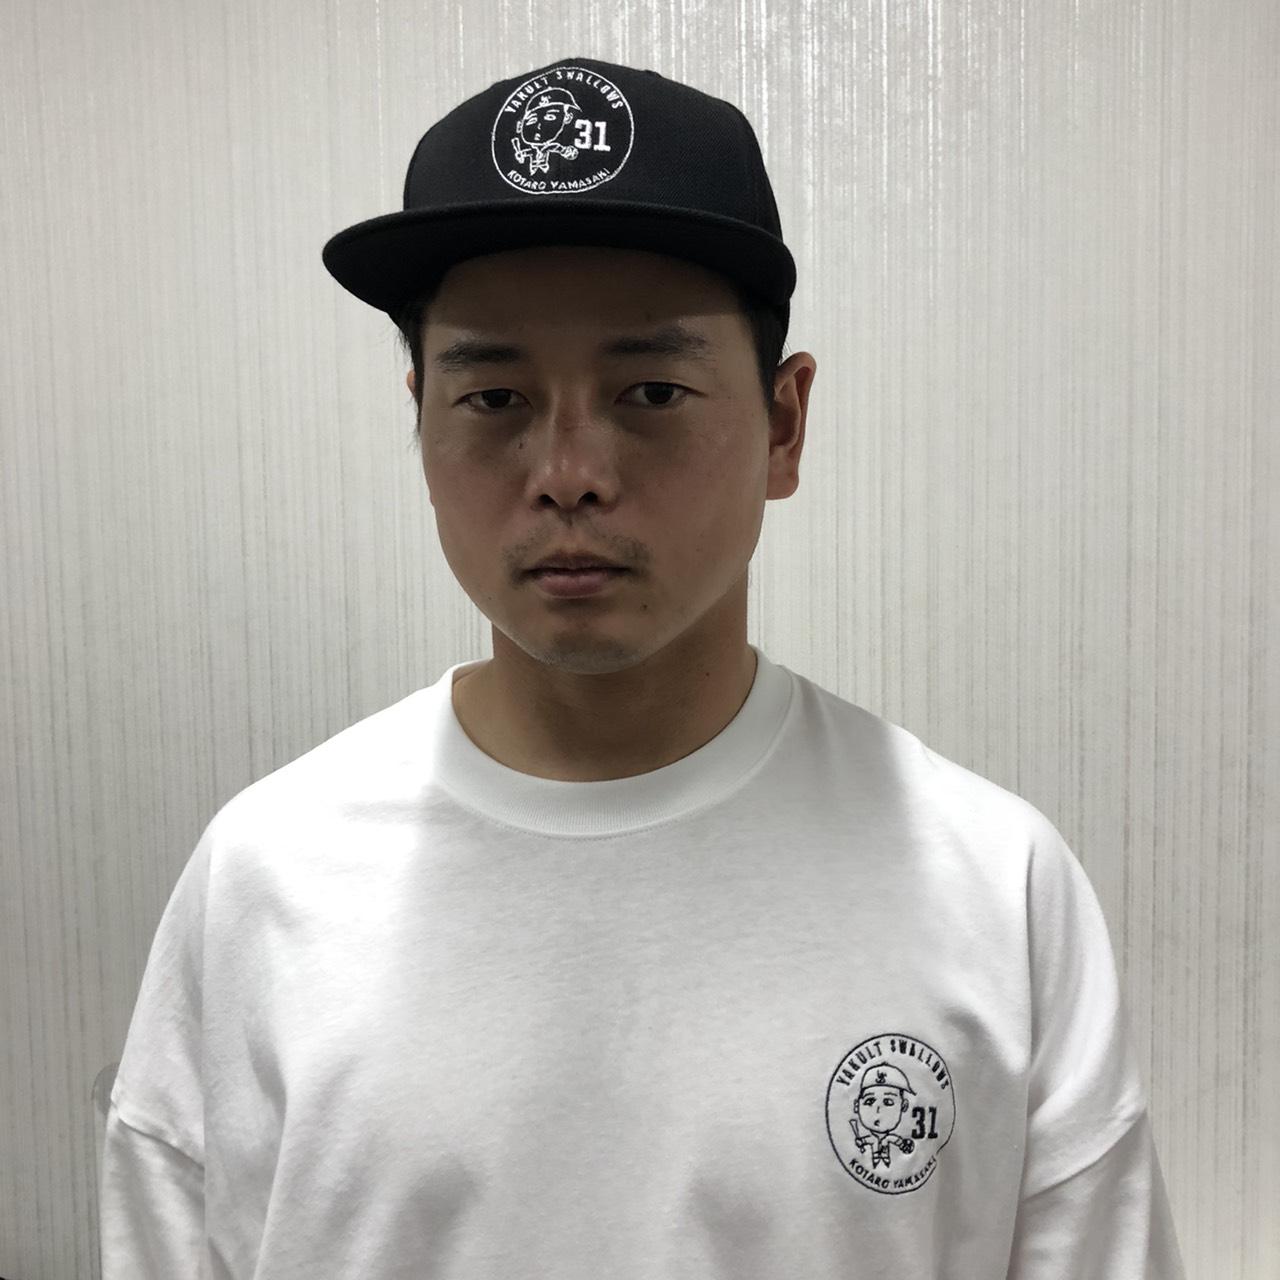 山崎選手自画像ビッグシルエットロングTシャツ(ホワイト)